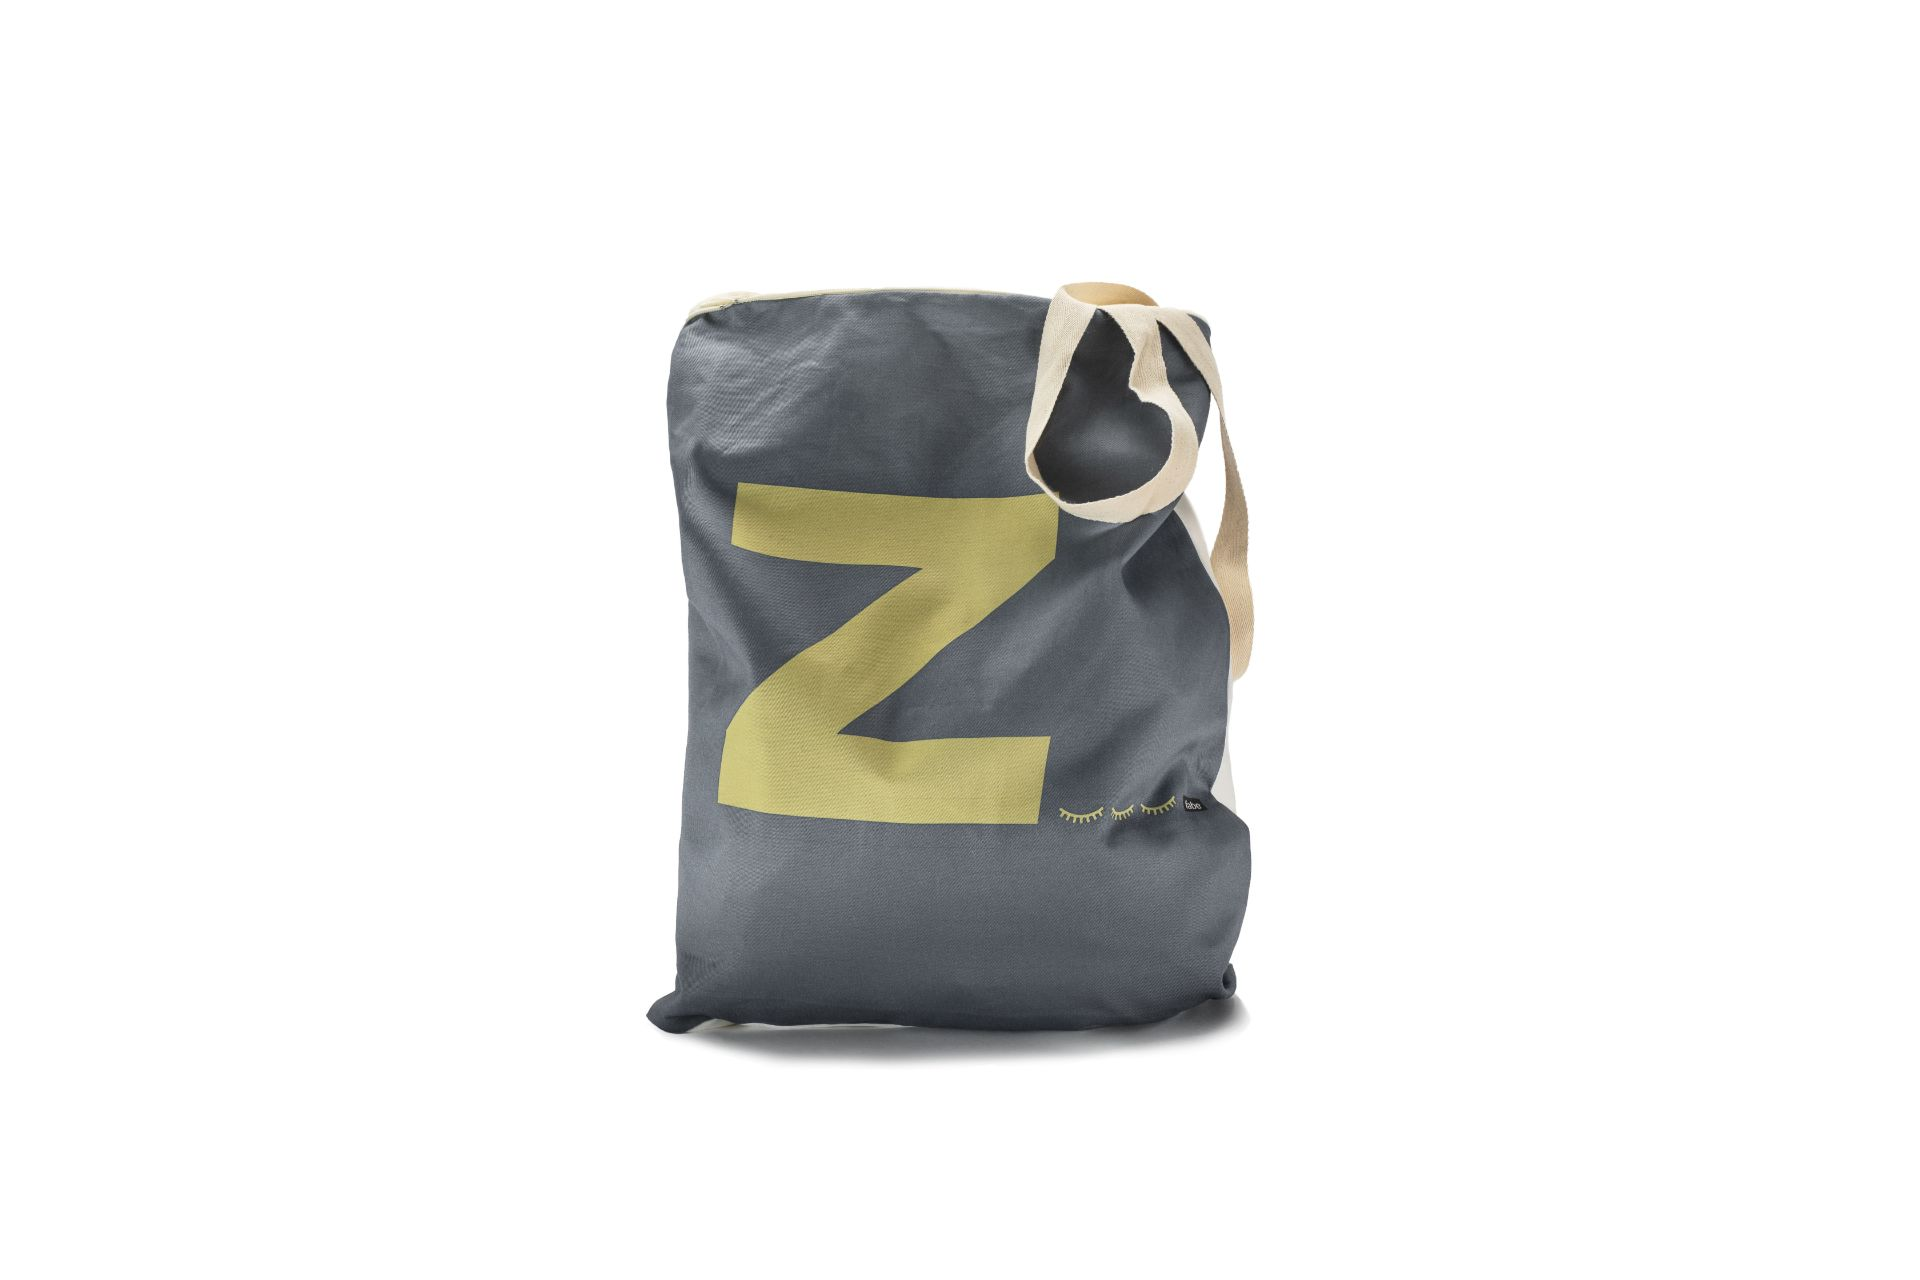 borsa-in-cotone-shopper-fabeg-z-01